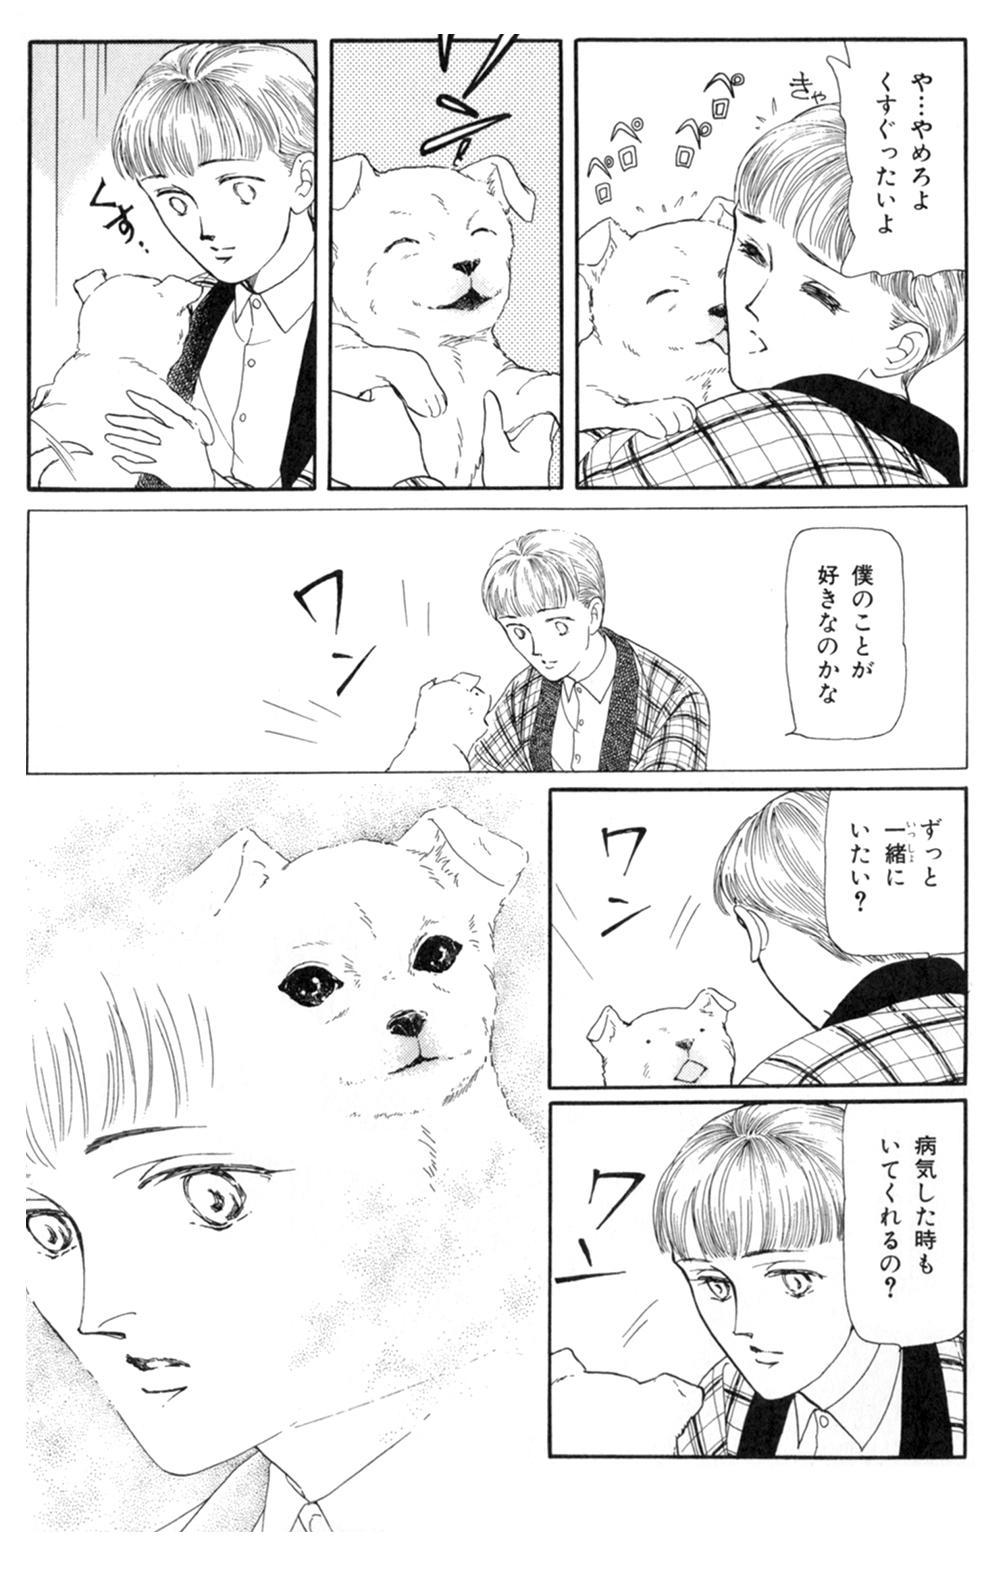 雨柳堂夢咄 第5話「太郎丸」①uryudo-03-153.jpg